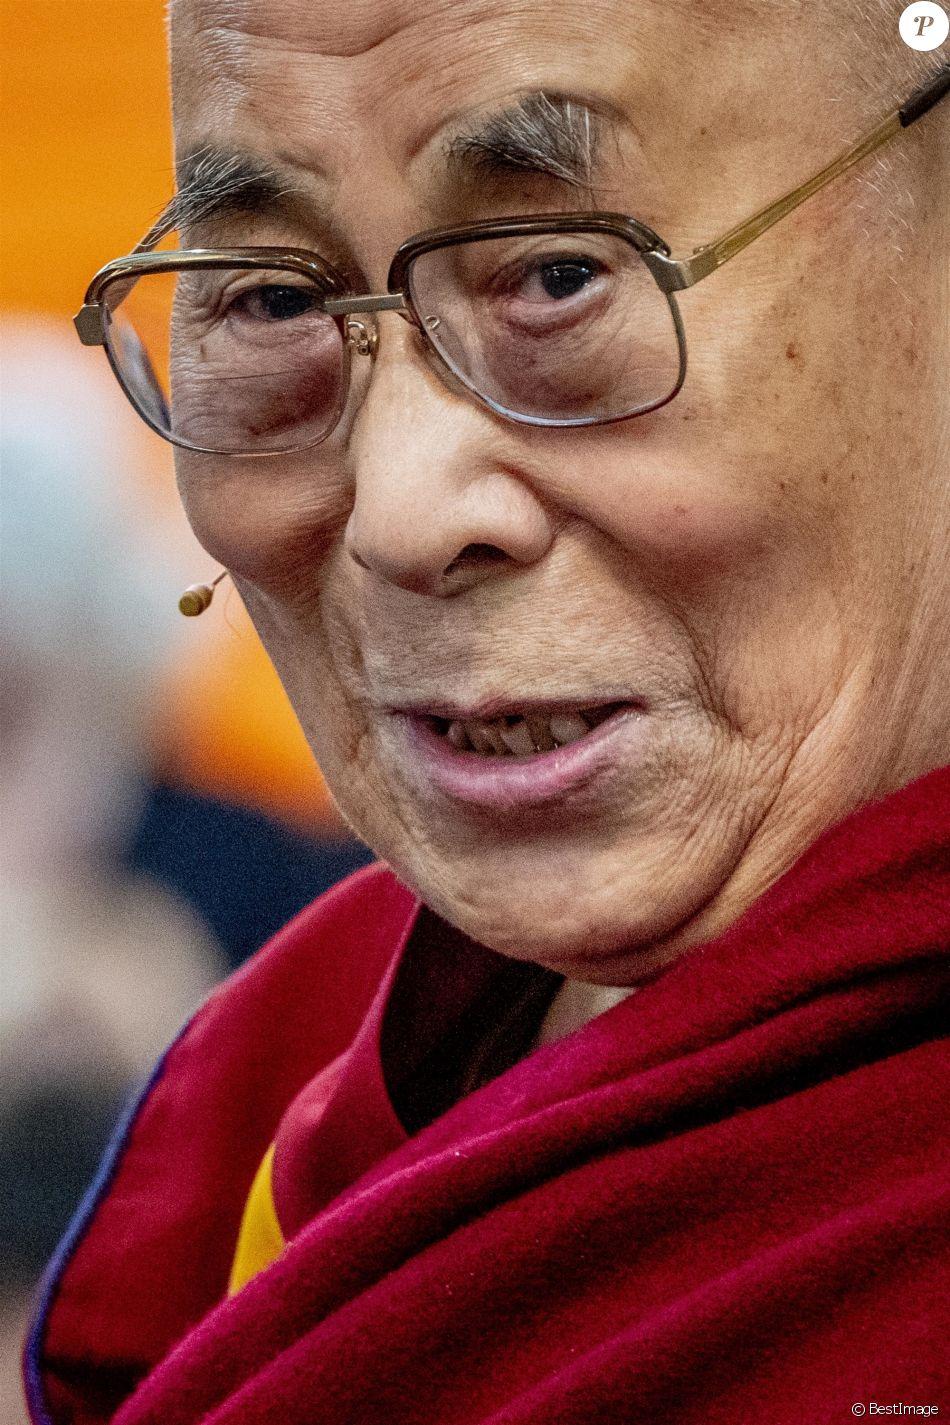 Le Dalai Lama à l'exposition Buddha's Life à la nouvelle église gothique d'Amsterdam (De Nieuwe kerk) aux Pays-Bas. Le Dalaï Lama a affirmé samedi à la télévision publique néerlandaise avoir eu connaissance depuis les années 1990 d'agressions sexuelles présumées commises par des enseignants bouddhistes.Le chef spirituel tibétain effectuait une visite de quatre jours aux Pays-Bas où il a rencontré vendredi des victimes d'agressions sexuelles. Il répondait ainsi à l'appel de douze d'entre elles qui avaient lancé une pétition afin qu'une réunion soit organisée. Le 15 septembre 2018.